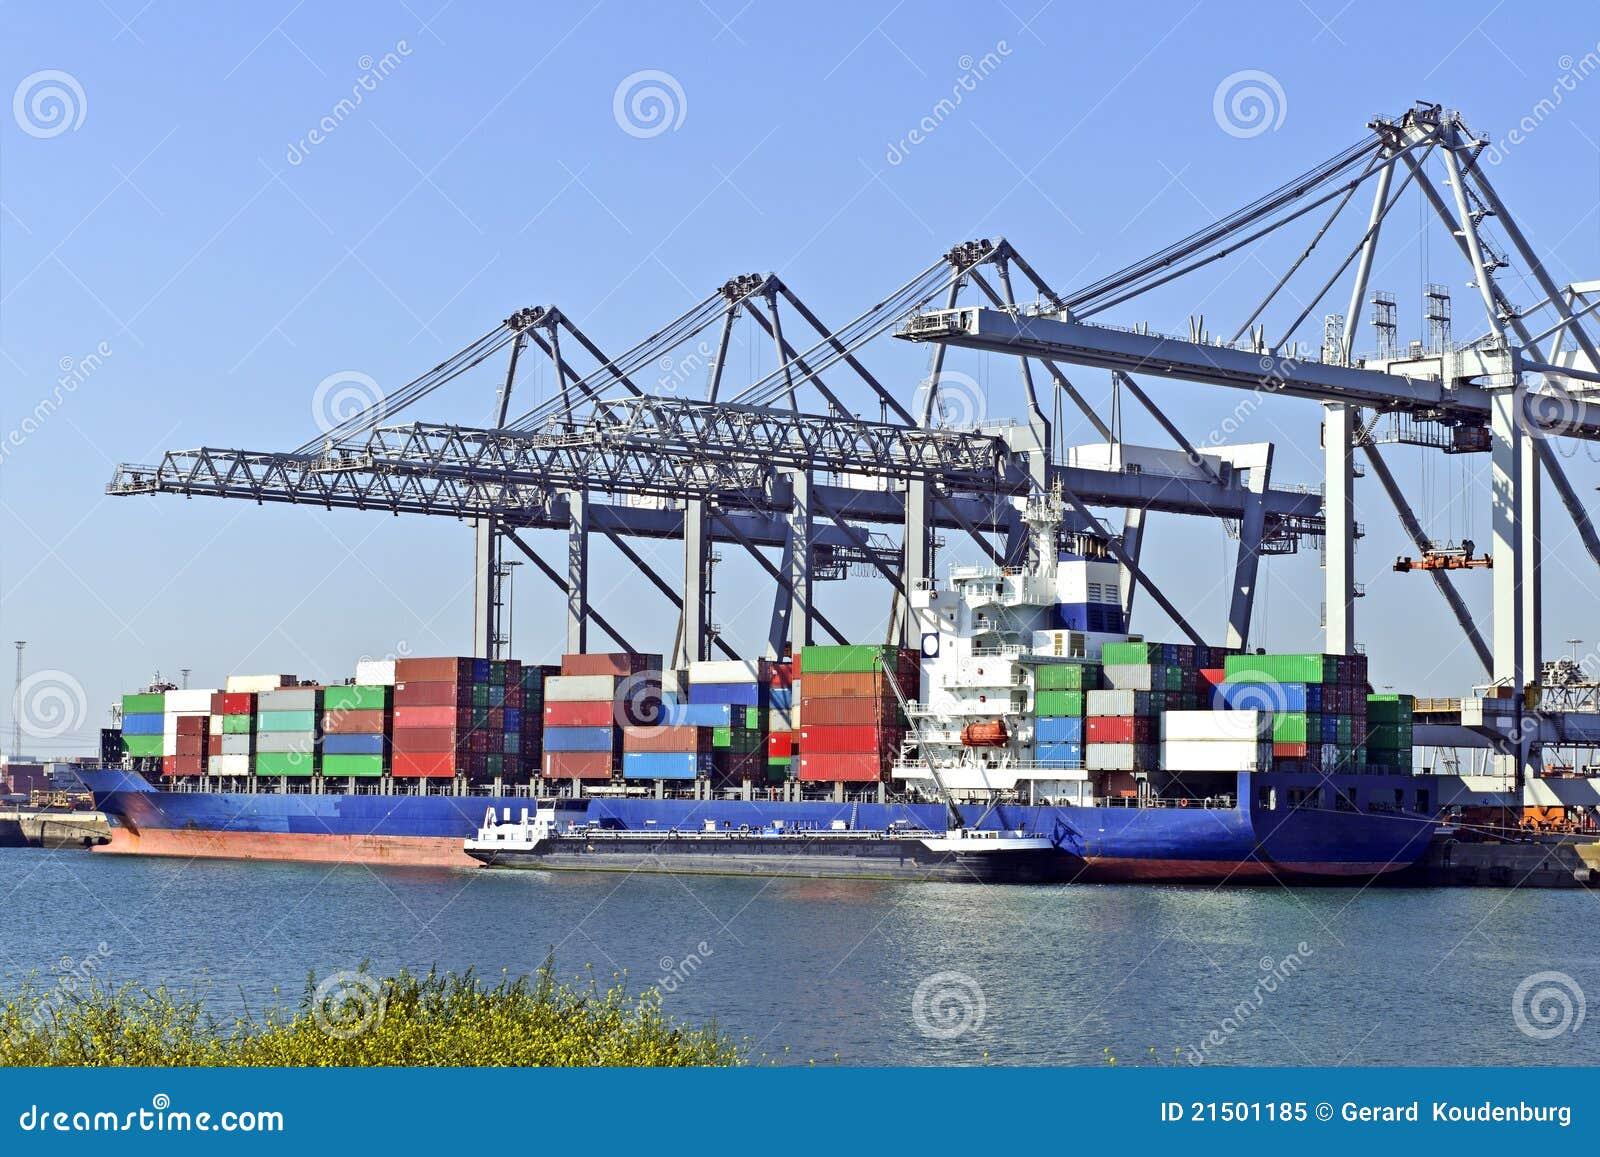 Grands navires porte conteneurs avec des grues image stock for Porte conteneur